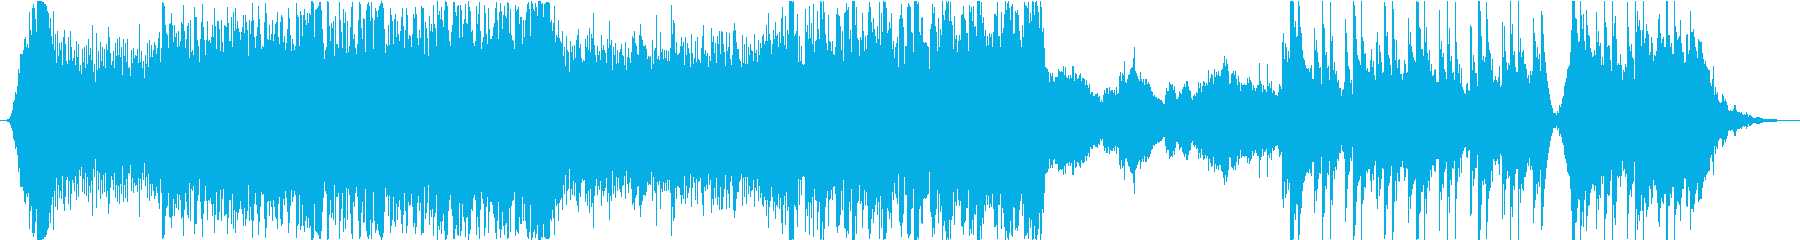 機械的なクラシックの再生済みの波形